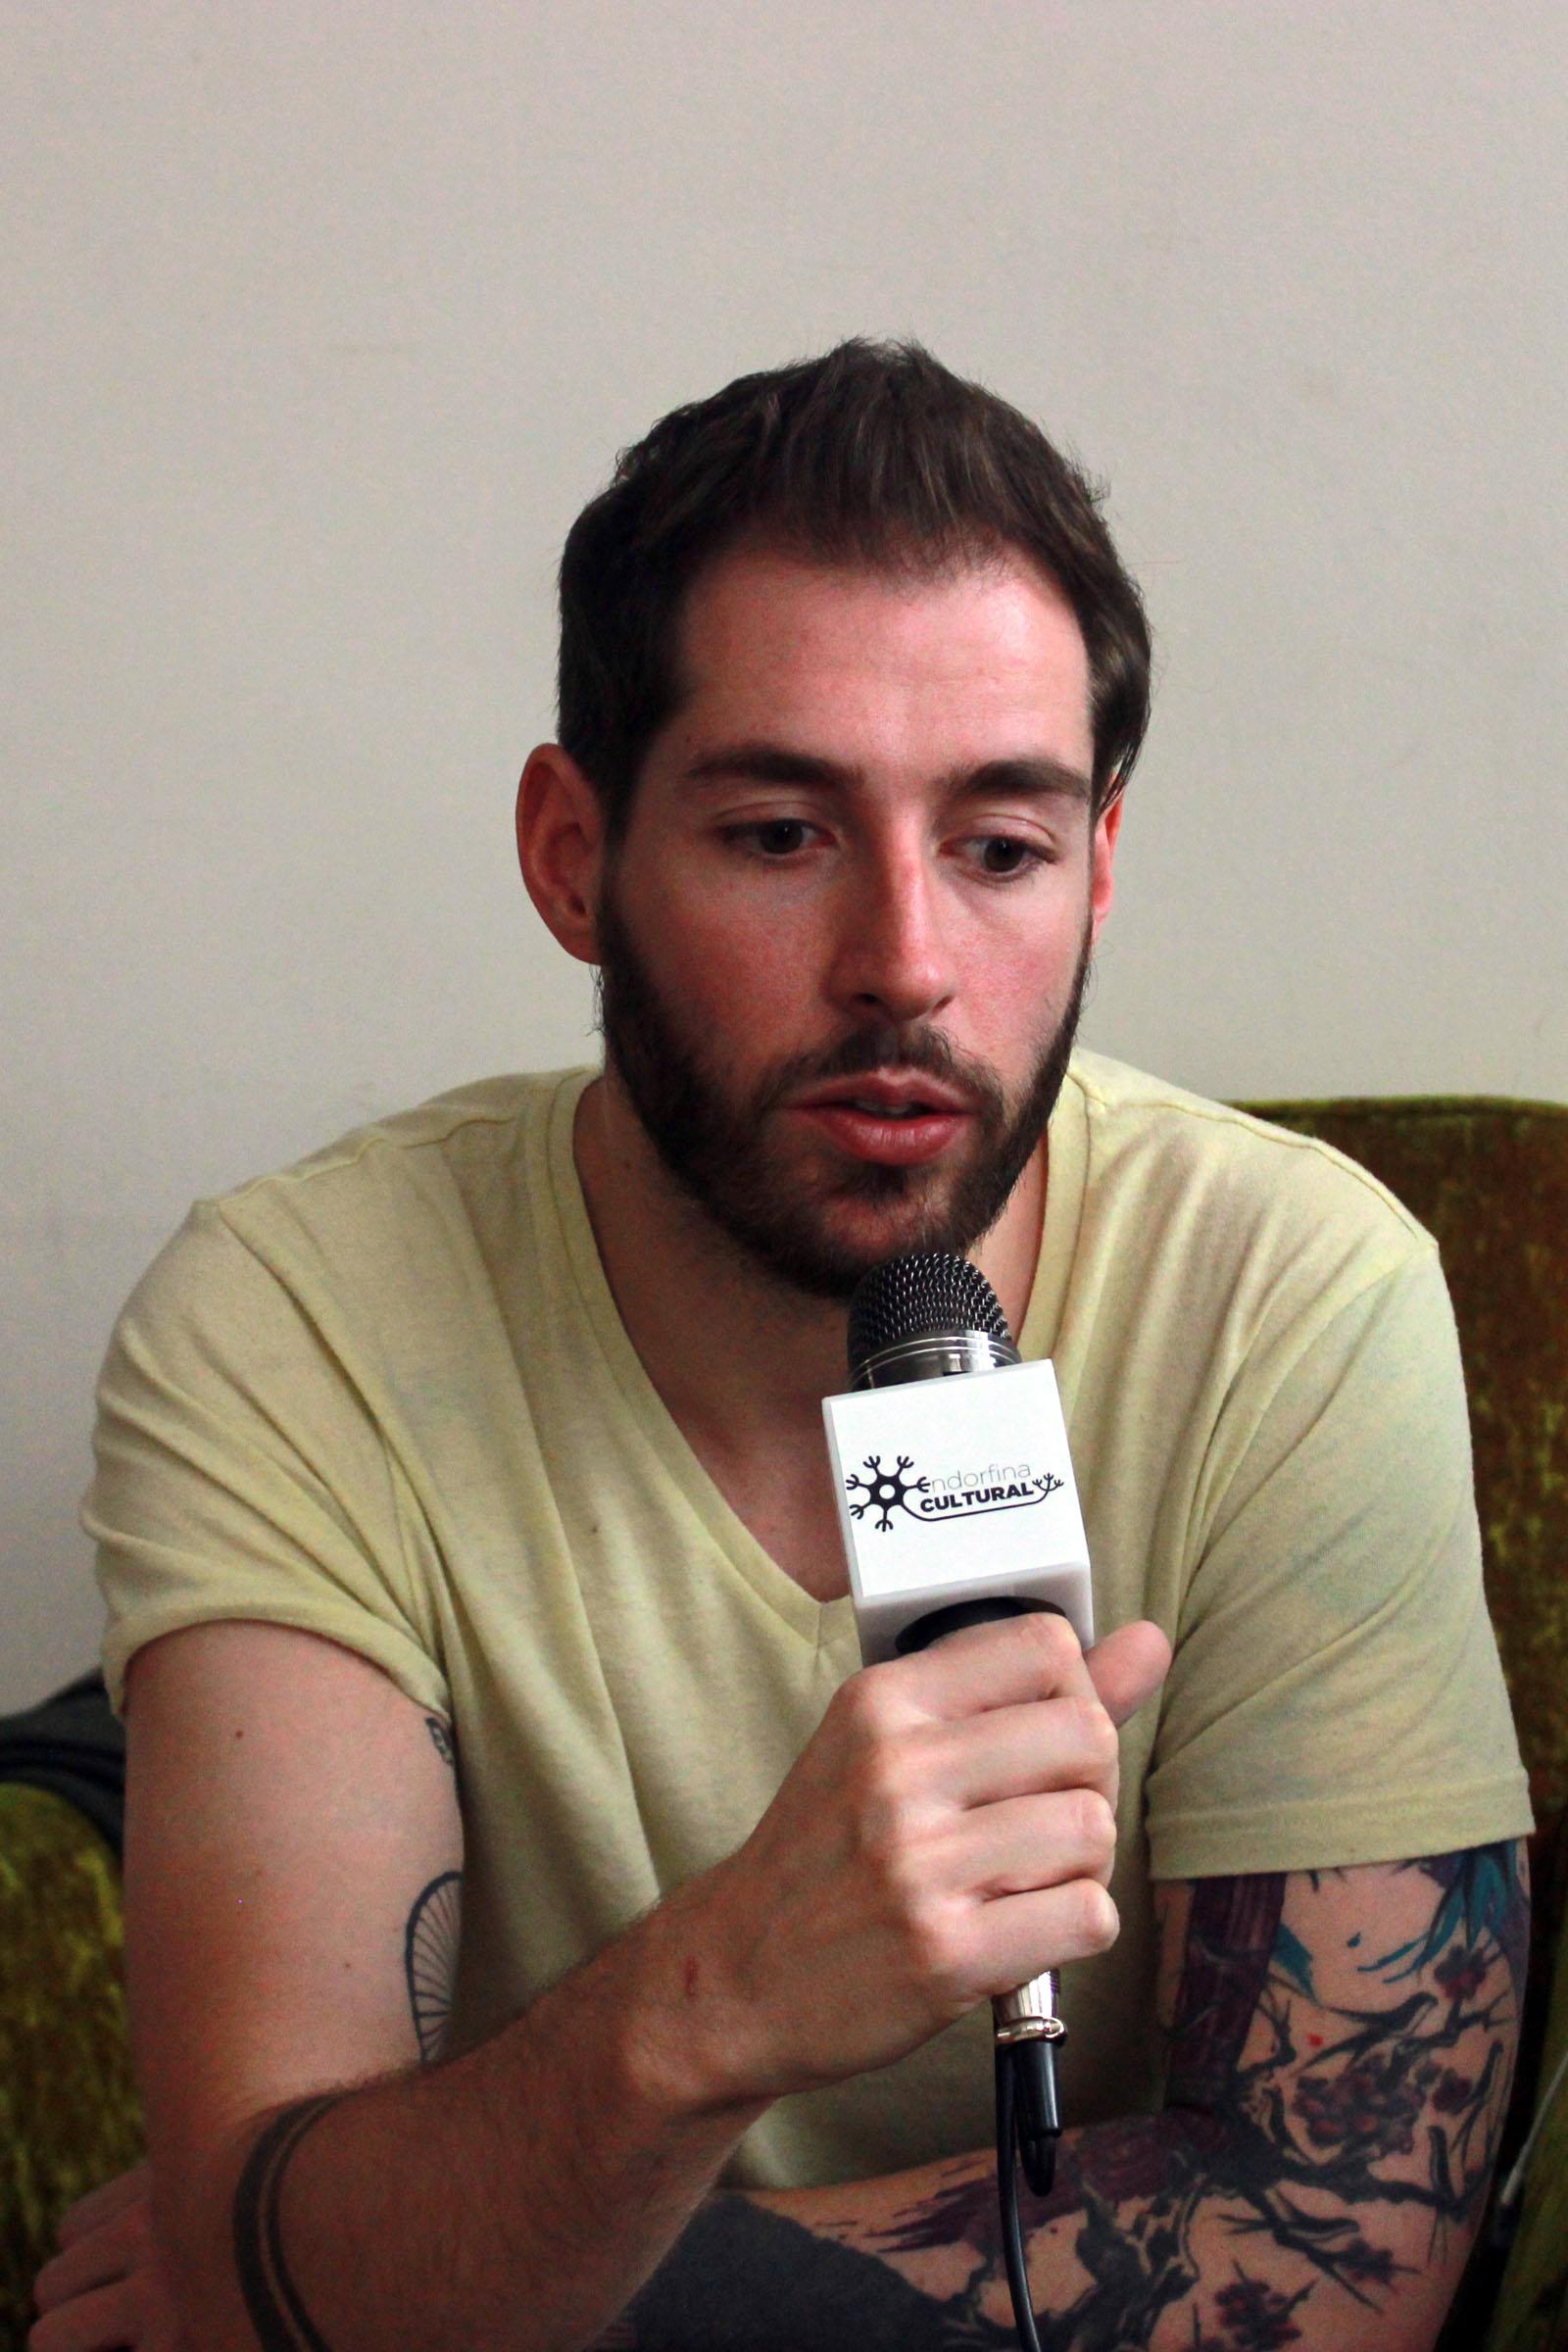 Izal Entrevista 1